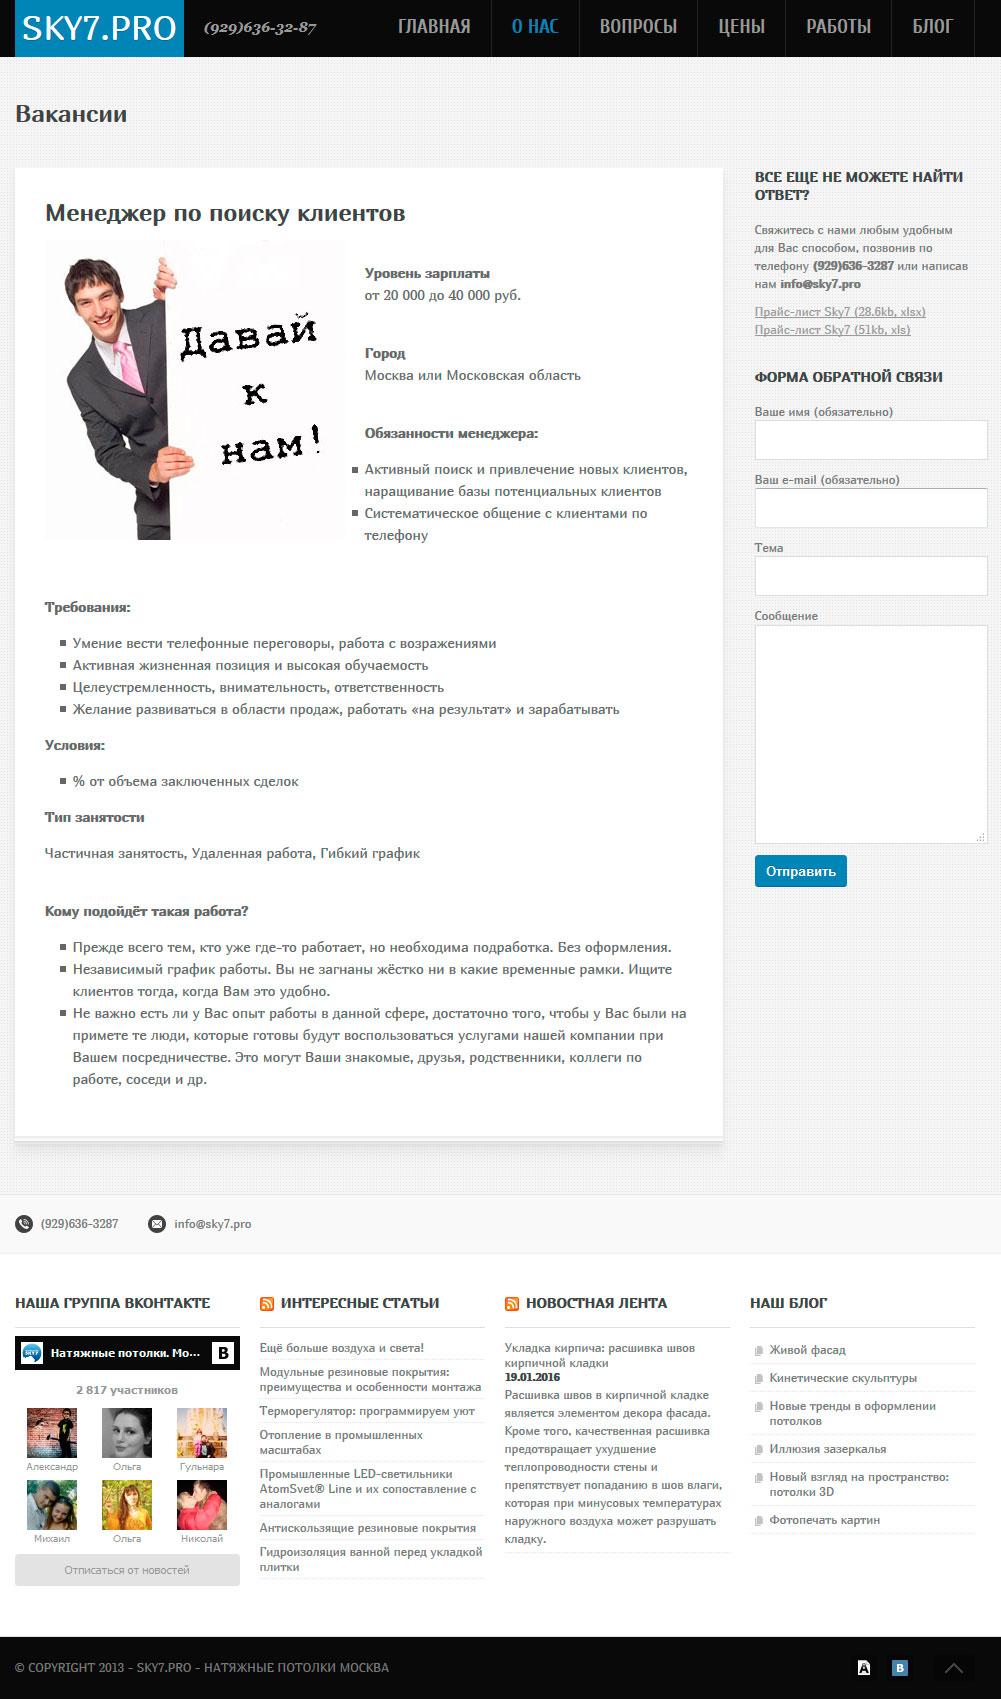 Пример сайта визитки - натяжные потолки - страница с вакансией